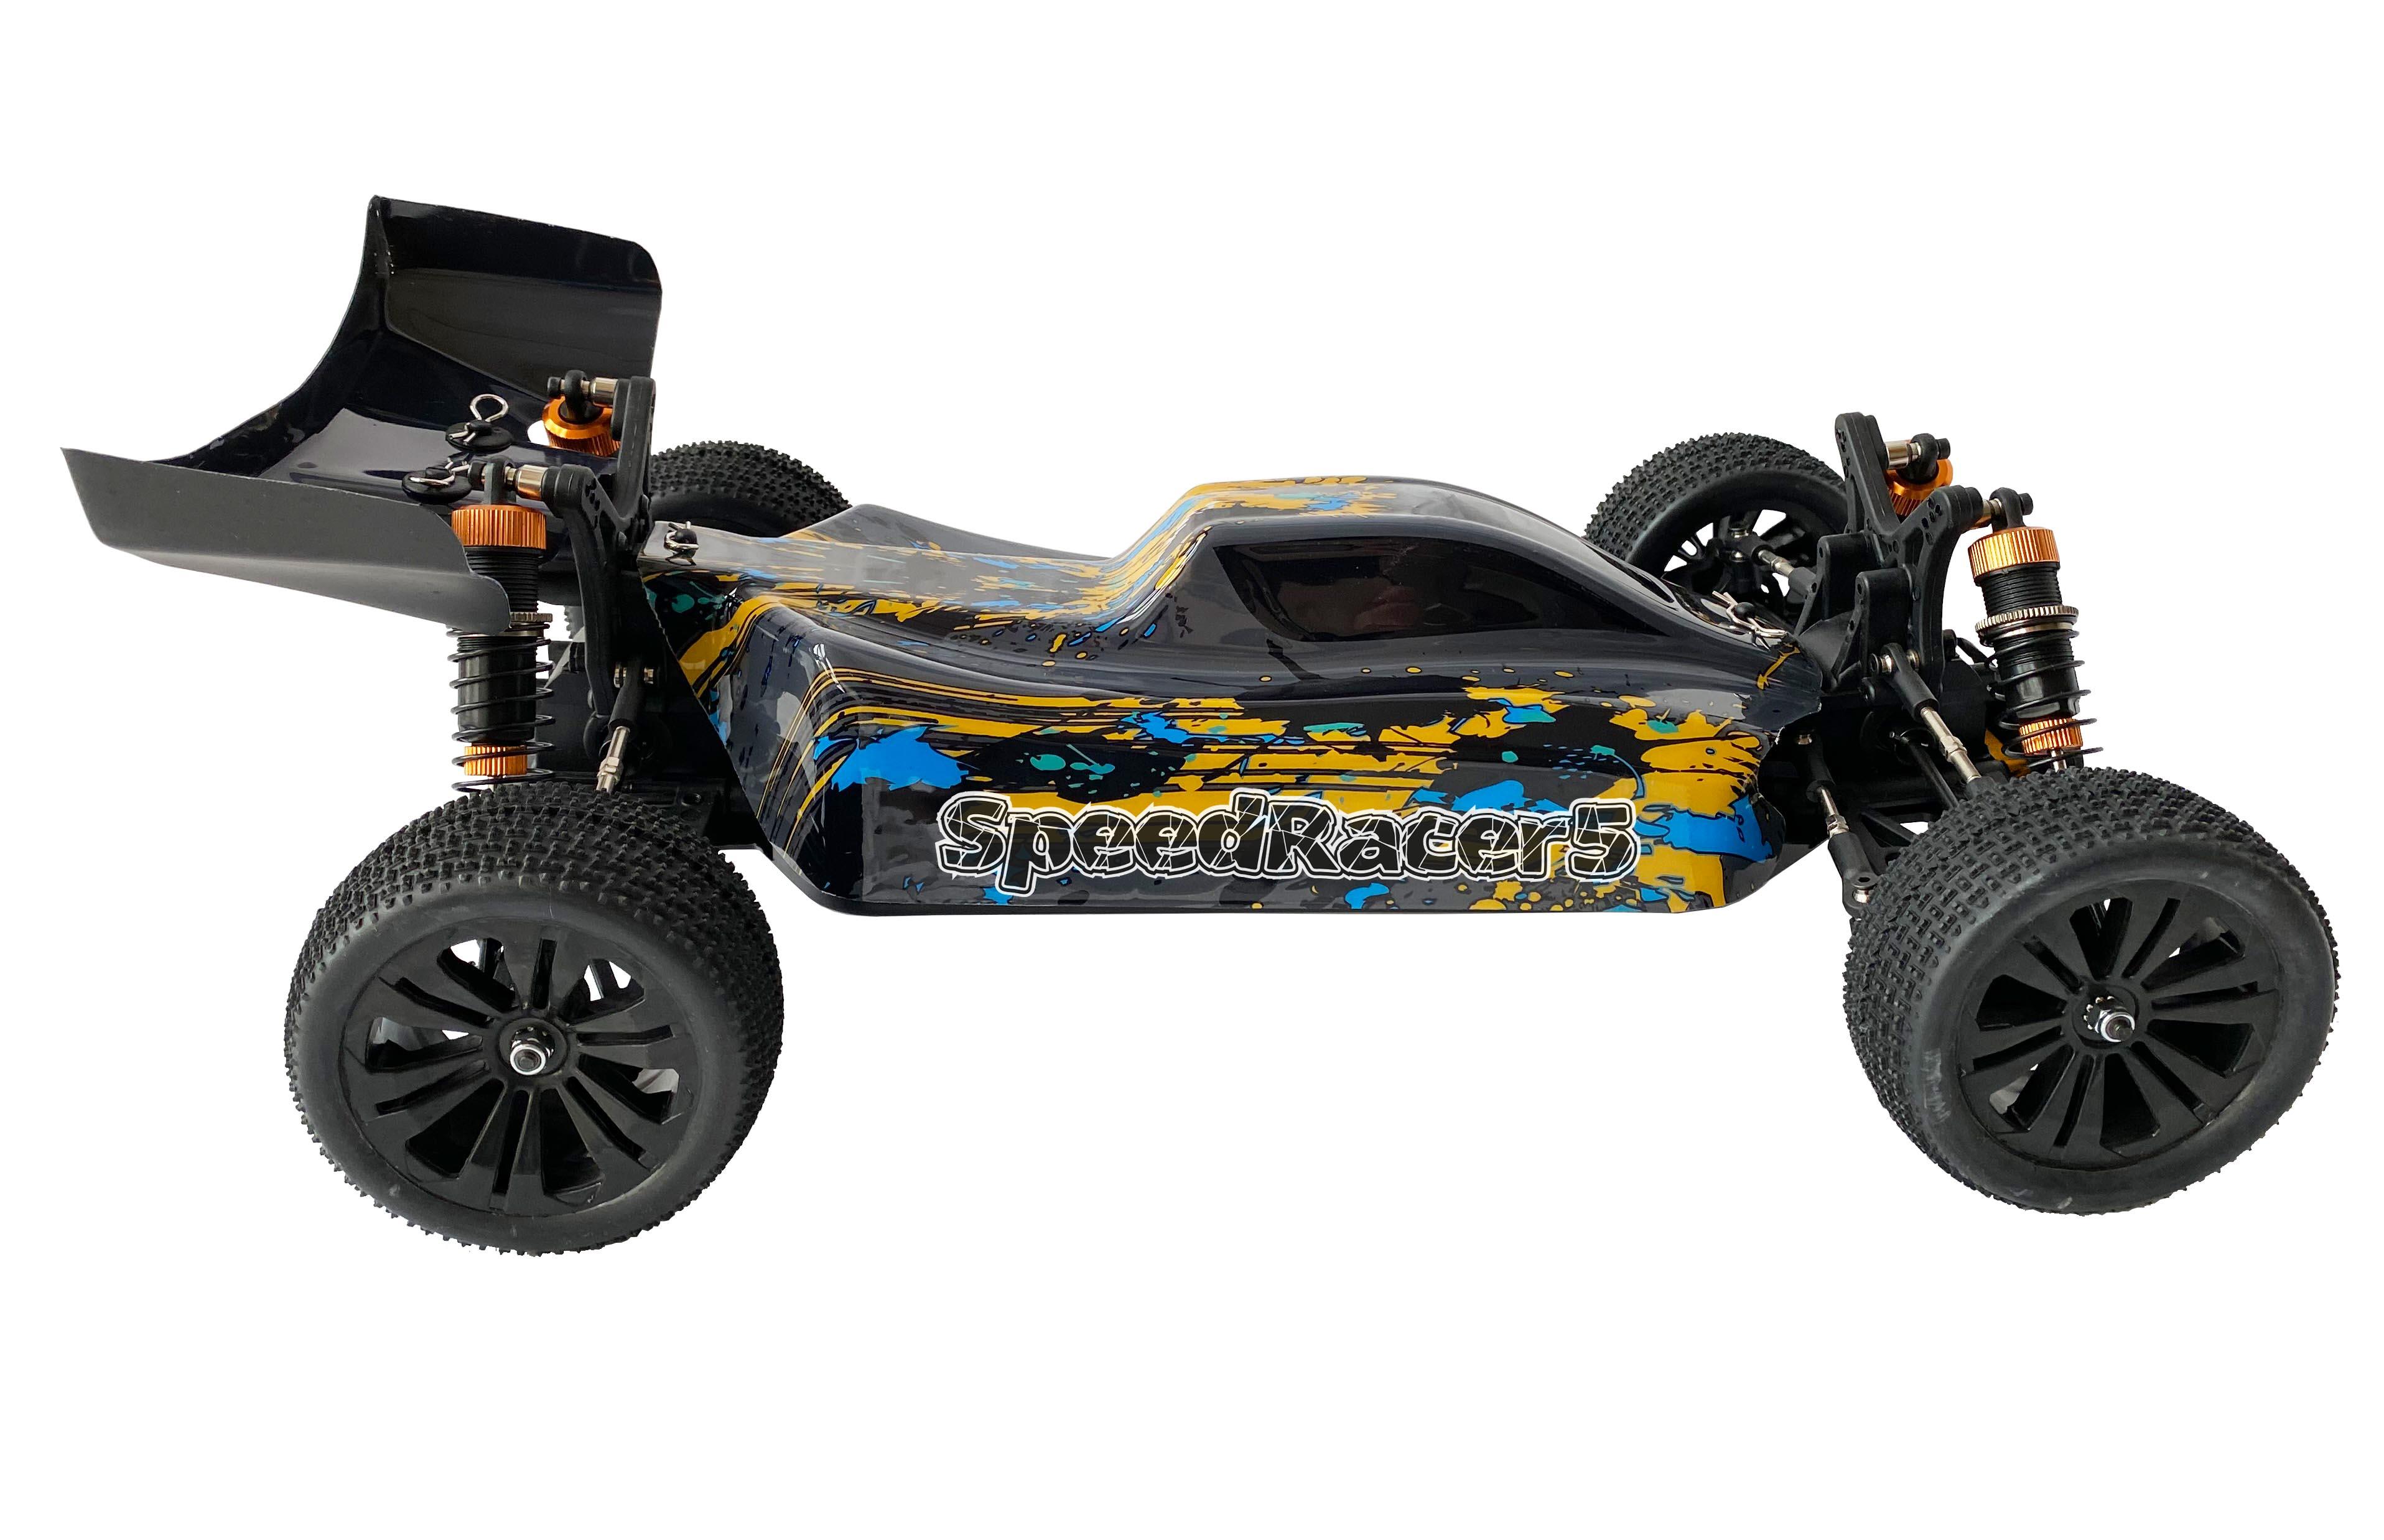 SpeedRacer 5 Brushless buggy RTR